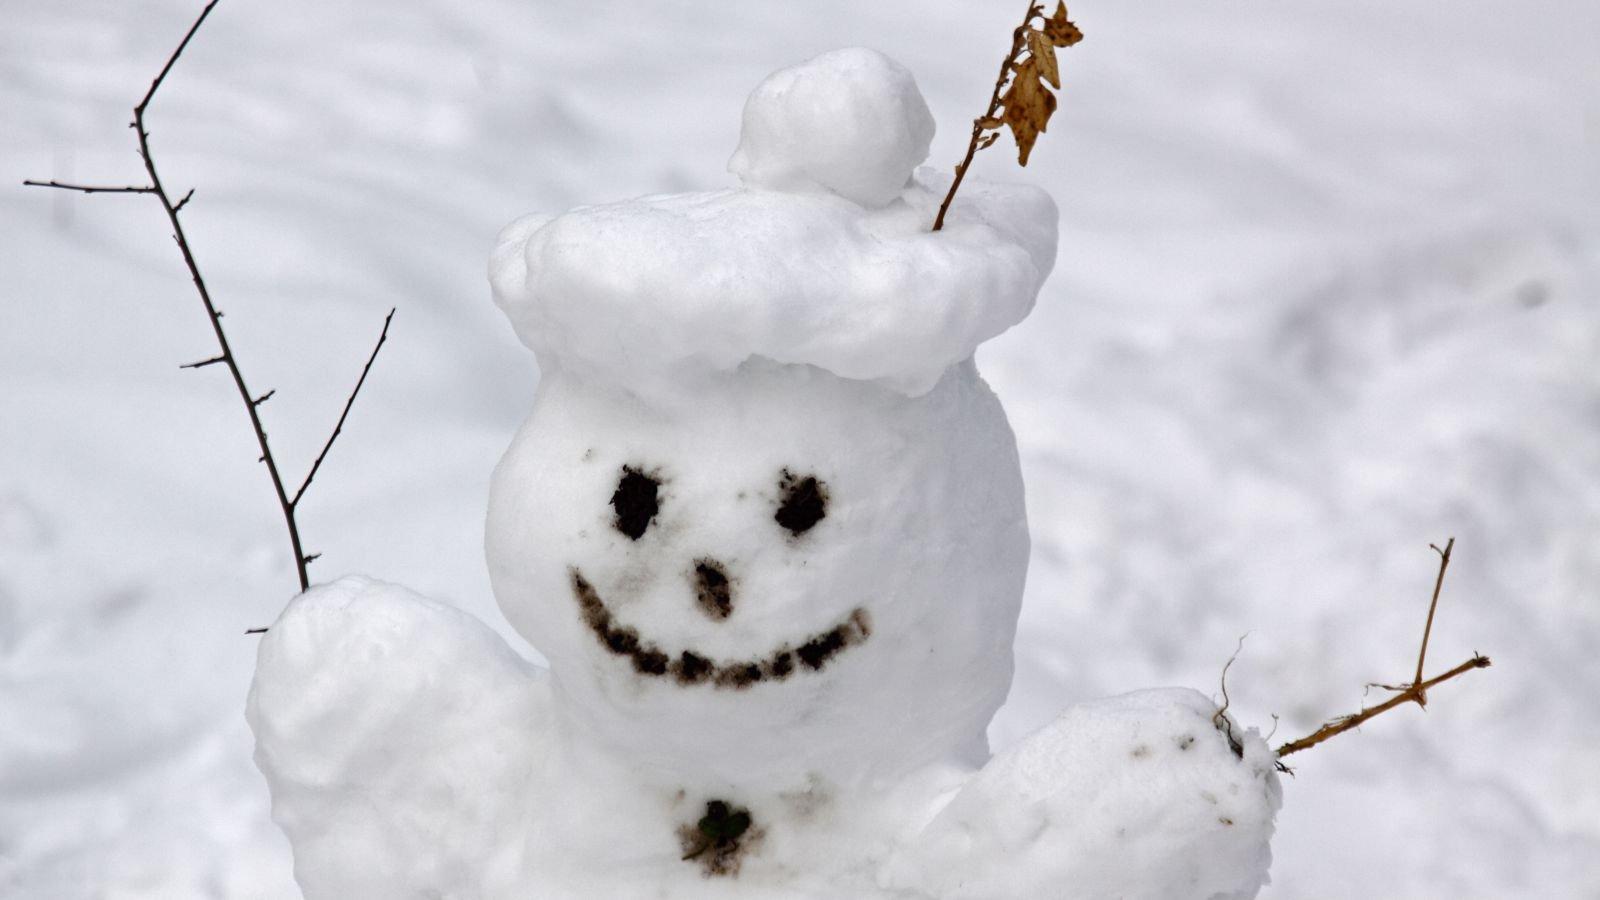 I dette forsøg kan du lave din egen lille snemand af hjemmelavet sne. Foto: Colourbox